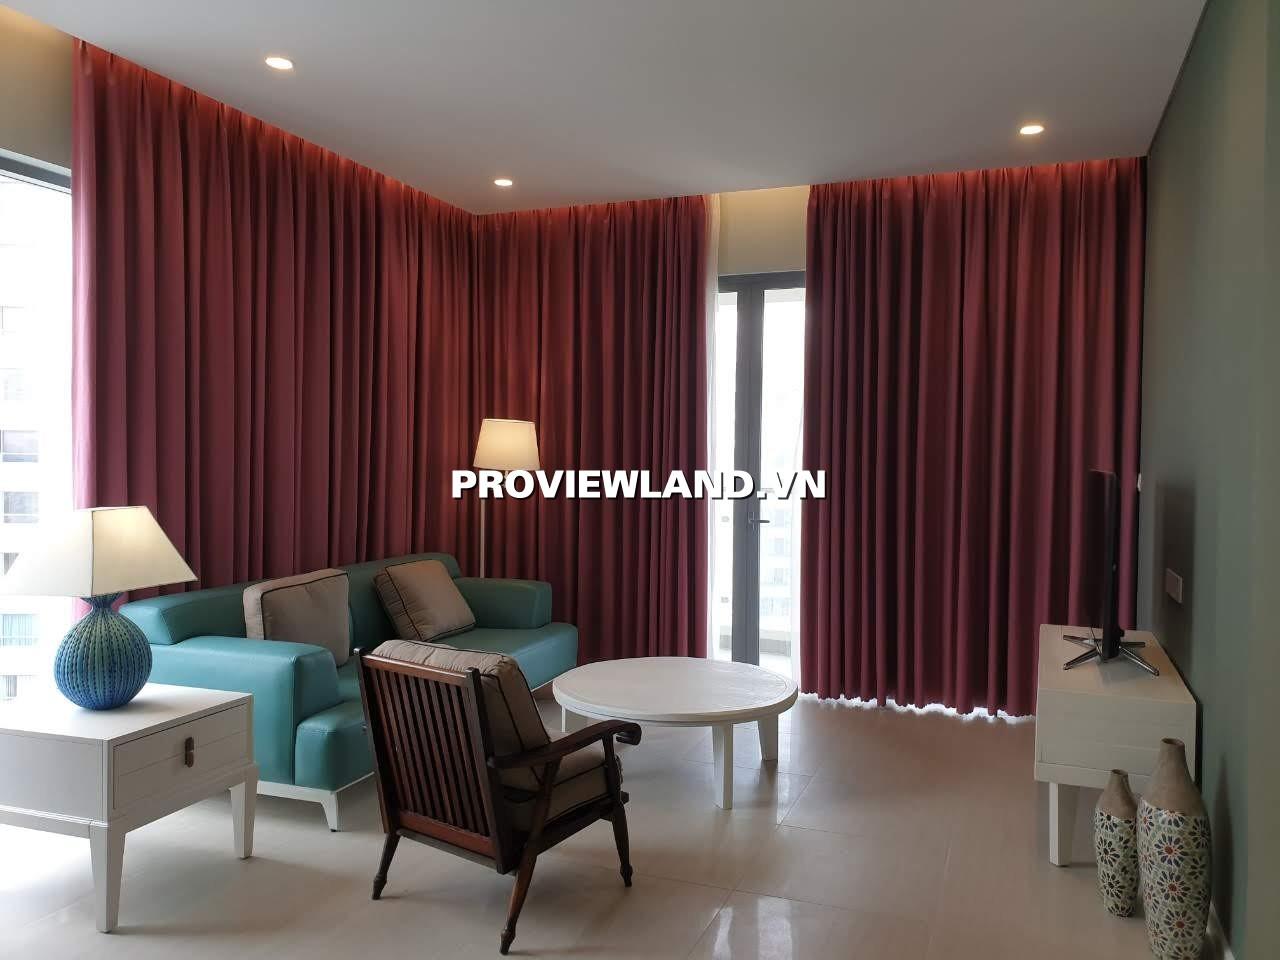 Cho thuê căn hộ Đảo Kim Cương 3 phòng ngủ 117m2 nội thất cao cấp view hồ bơi